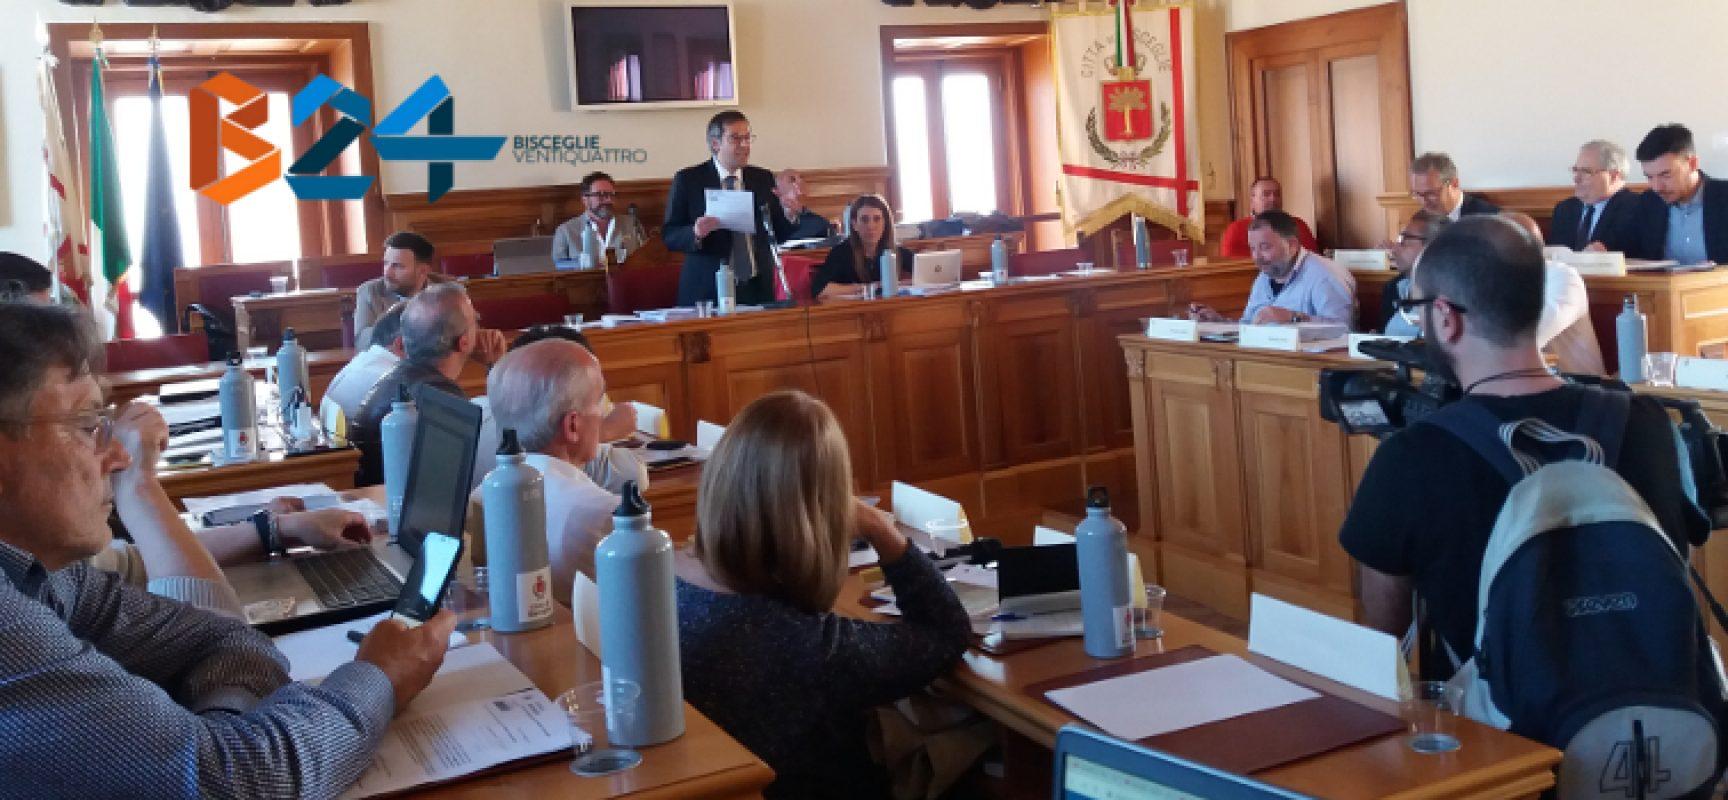 Bilancio comunale, PCI e Spina chiedono l'intervento del Prefetto